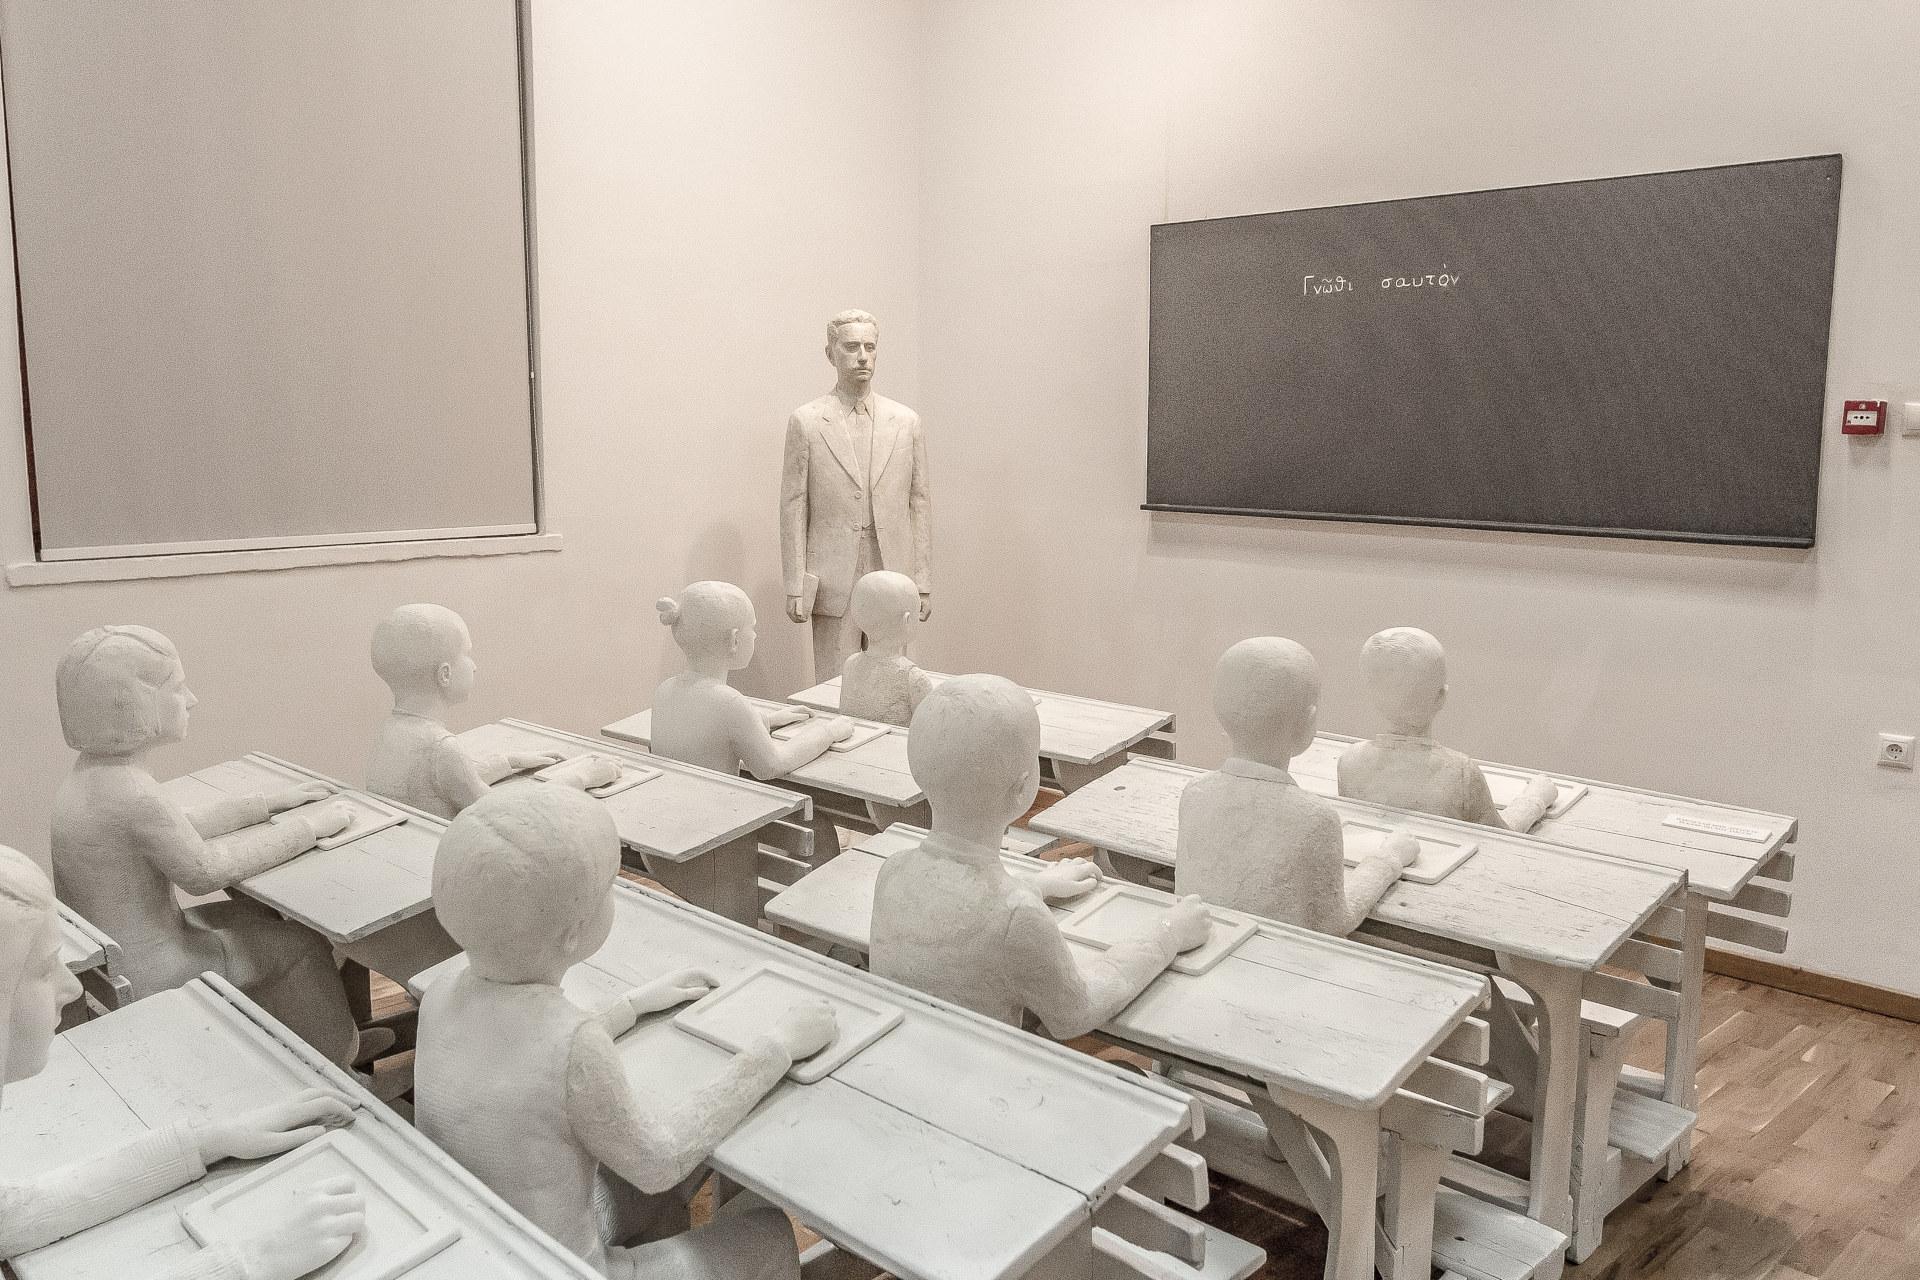 Μουσείο Σύγχρονης Τέχνης Θ. Παπαγιάννη